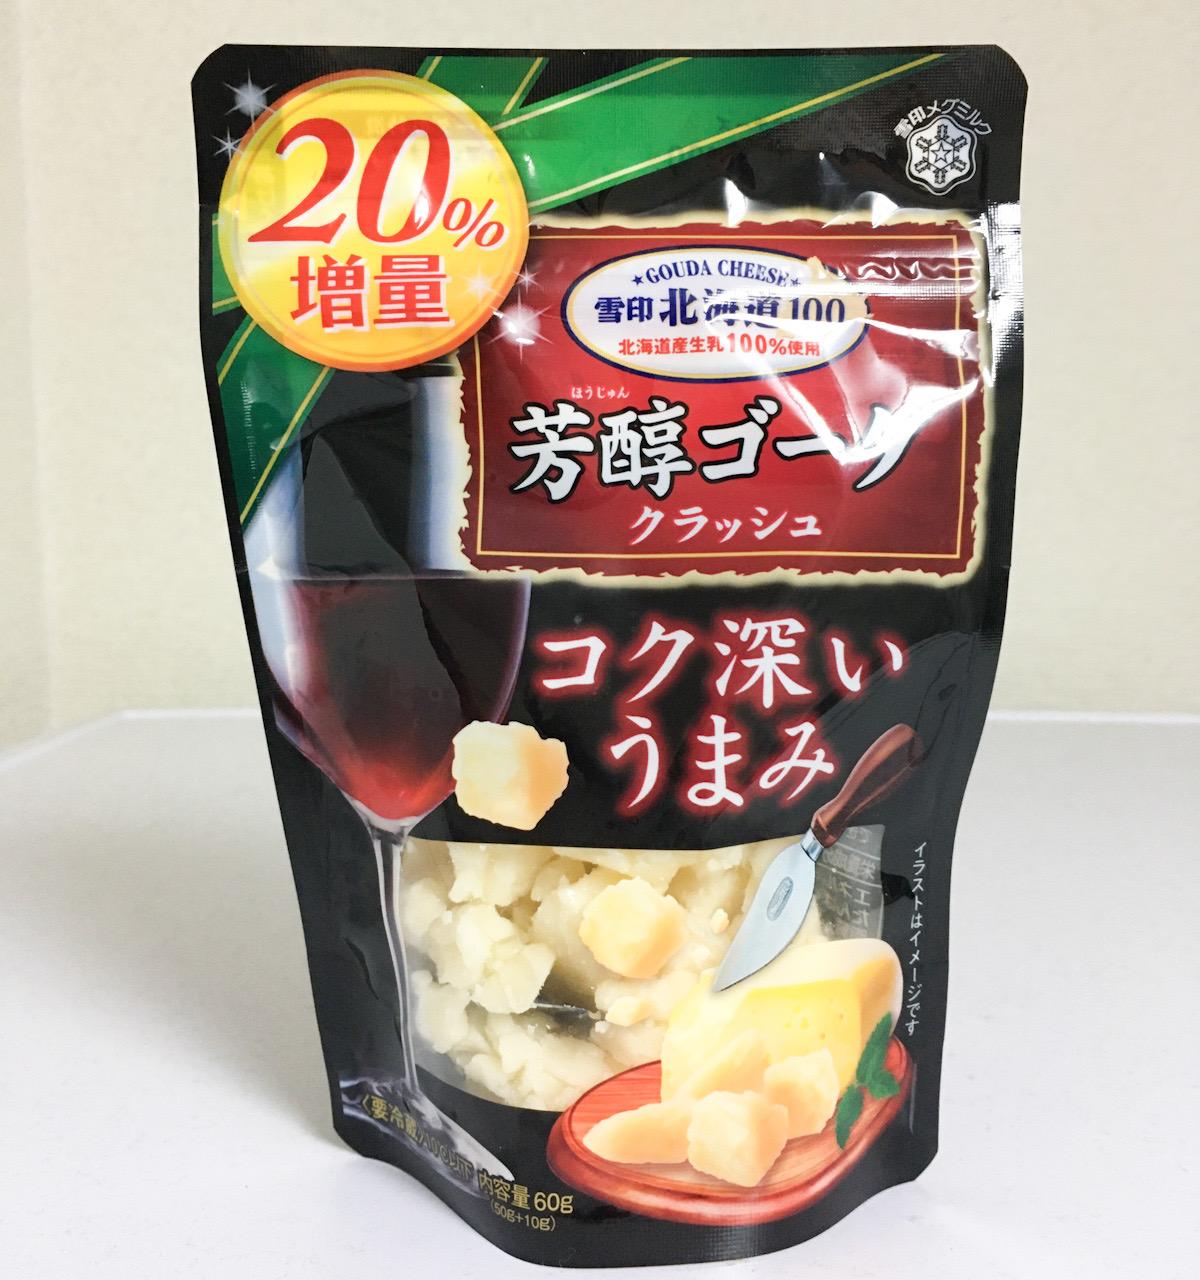 クラッシュされたチーズがやめられない止まらない。「雪印北海道100芳醇ゴーダ」